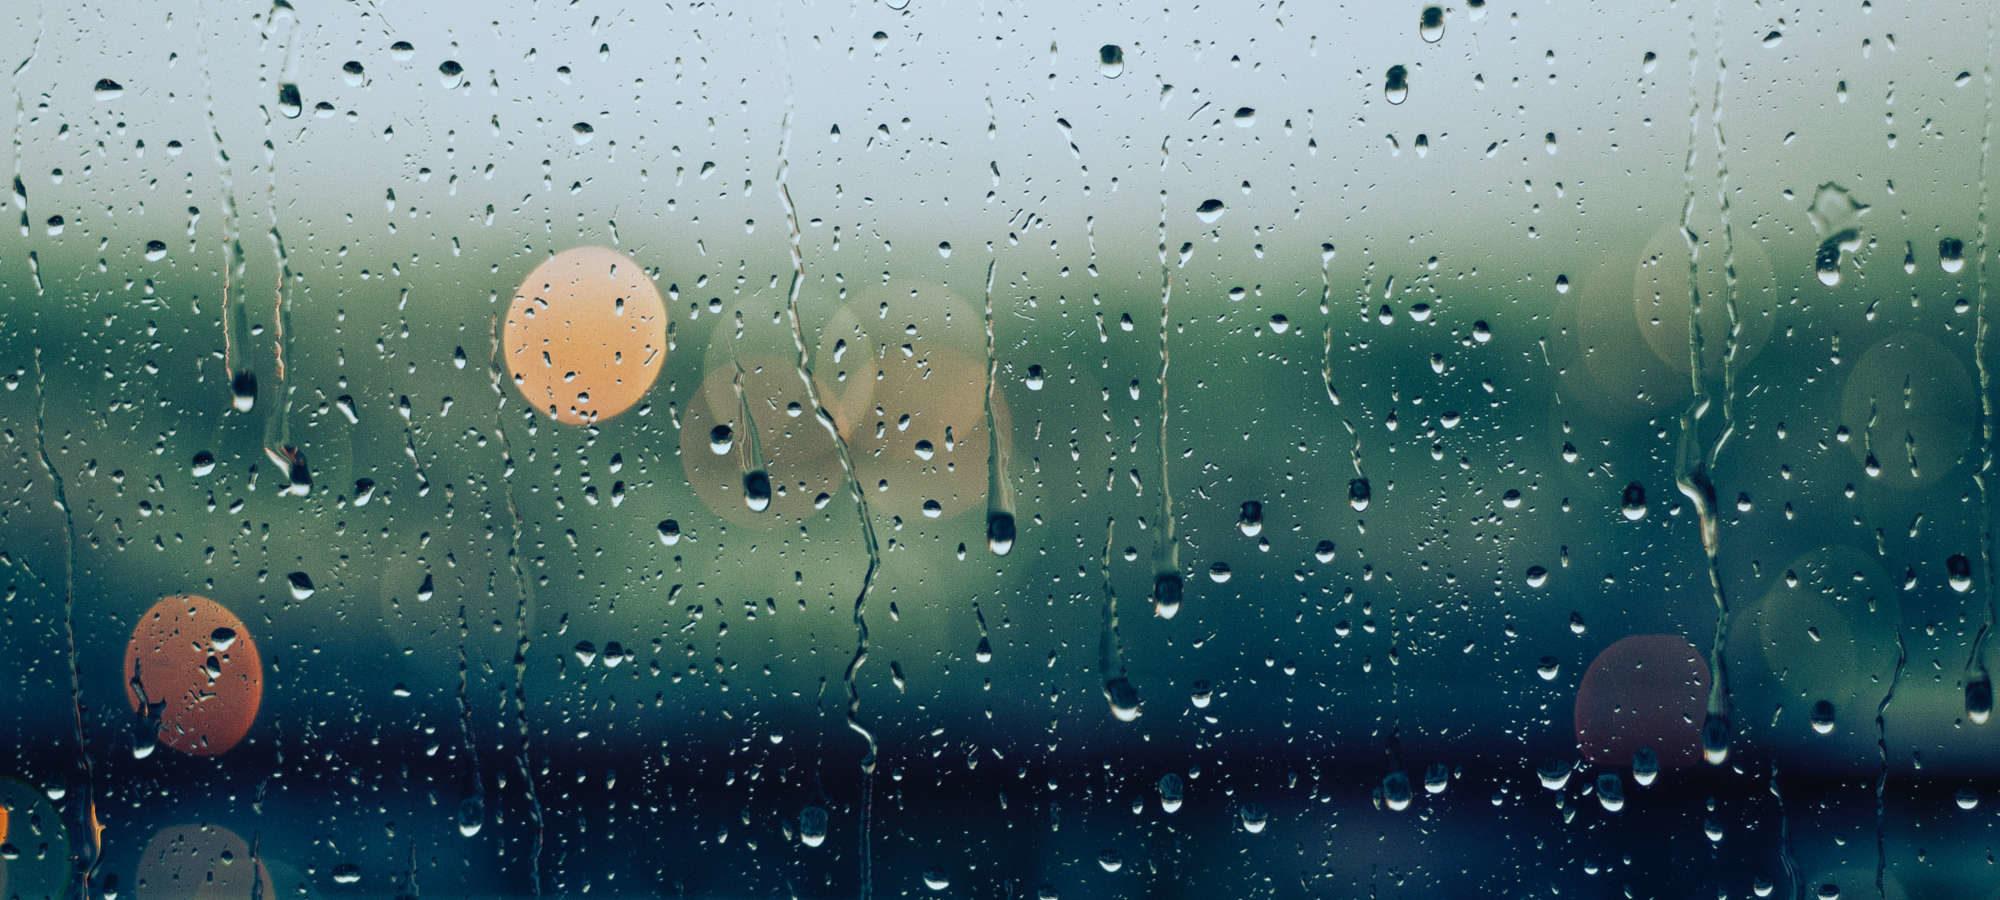 Chuva louca!